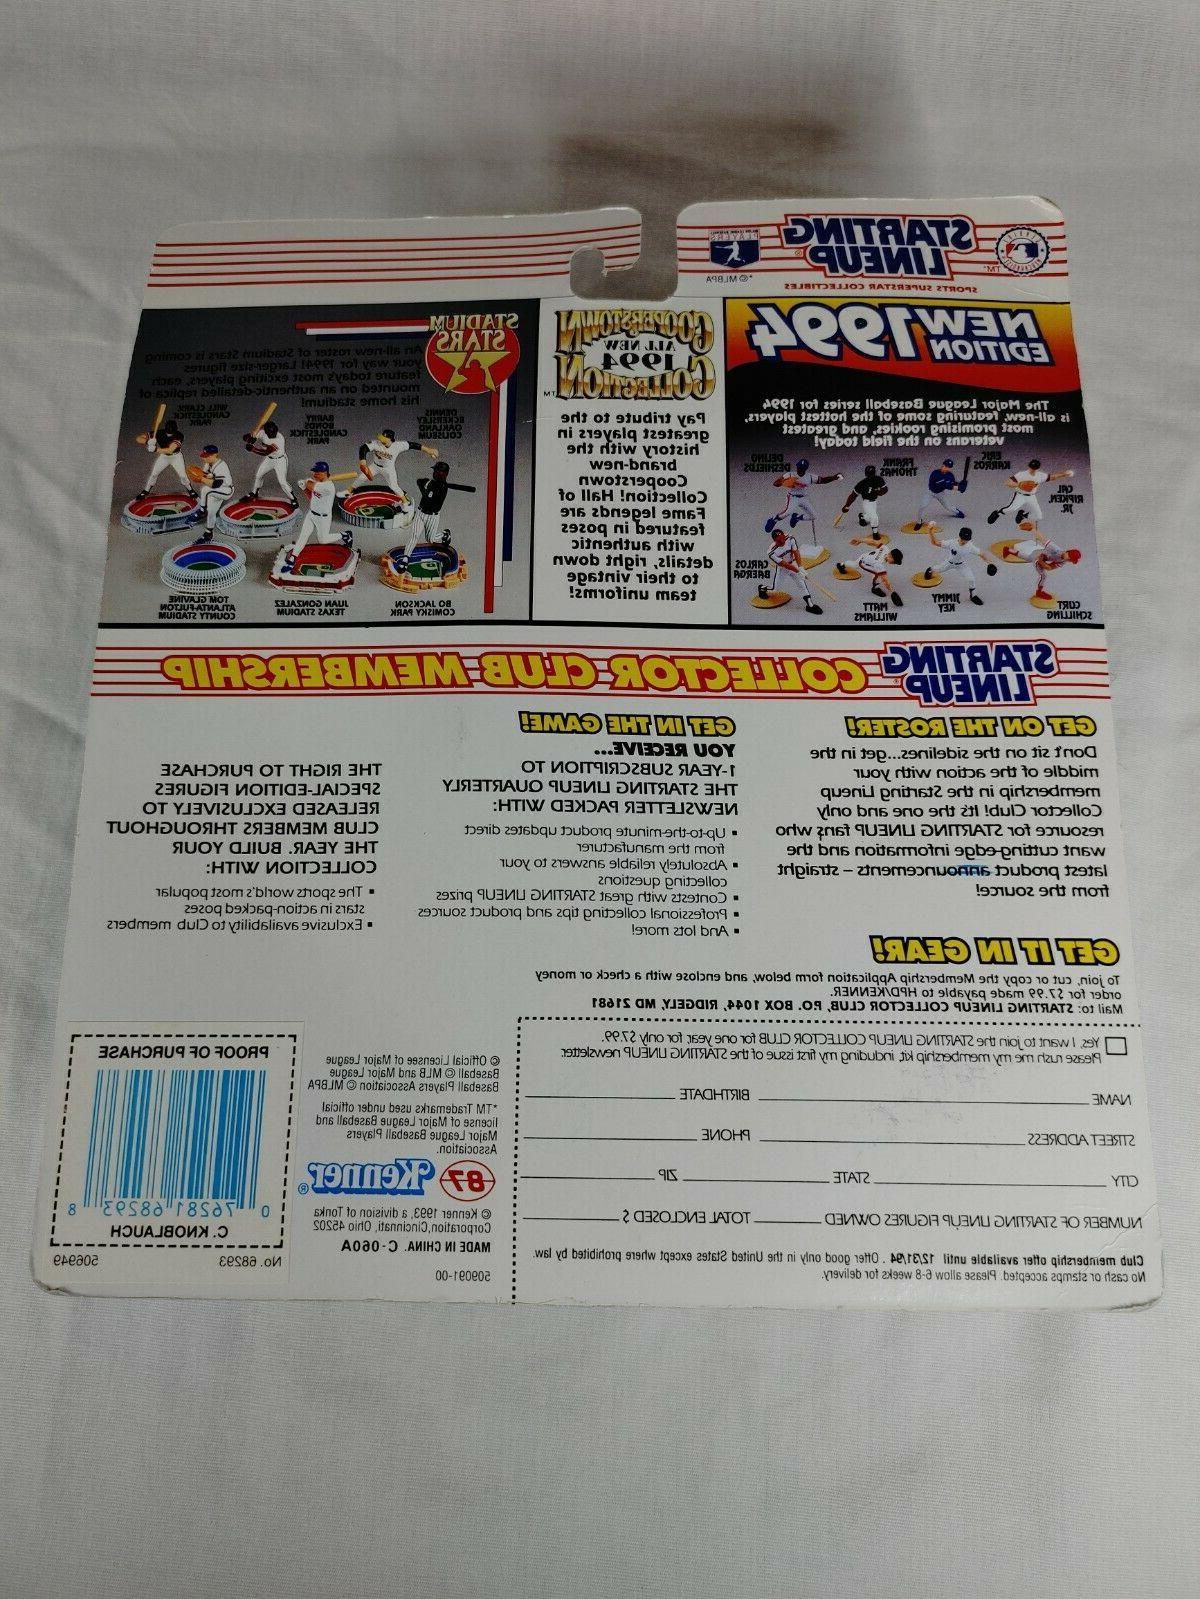 Starting Lineup 1994 and Minnesota MLB